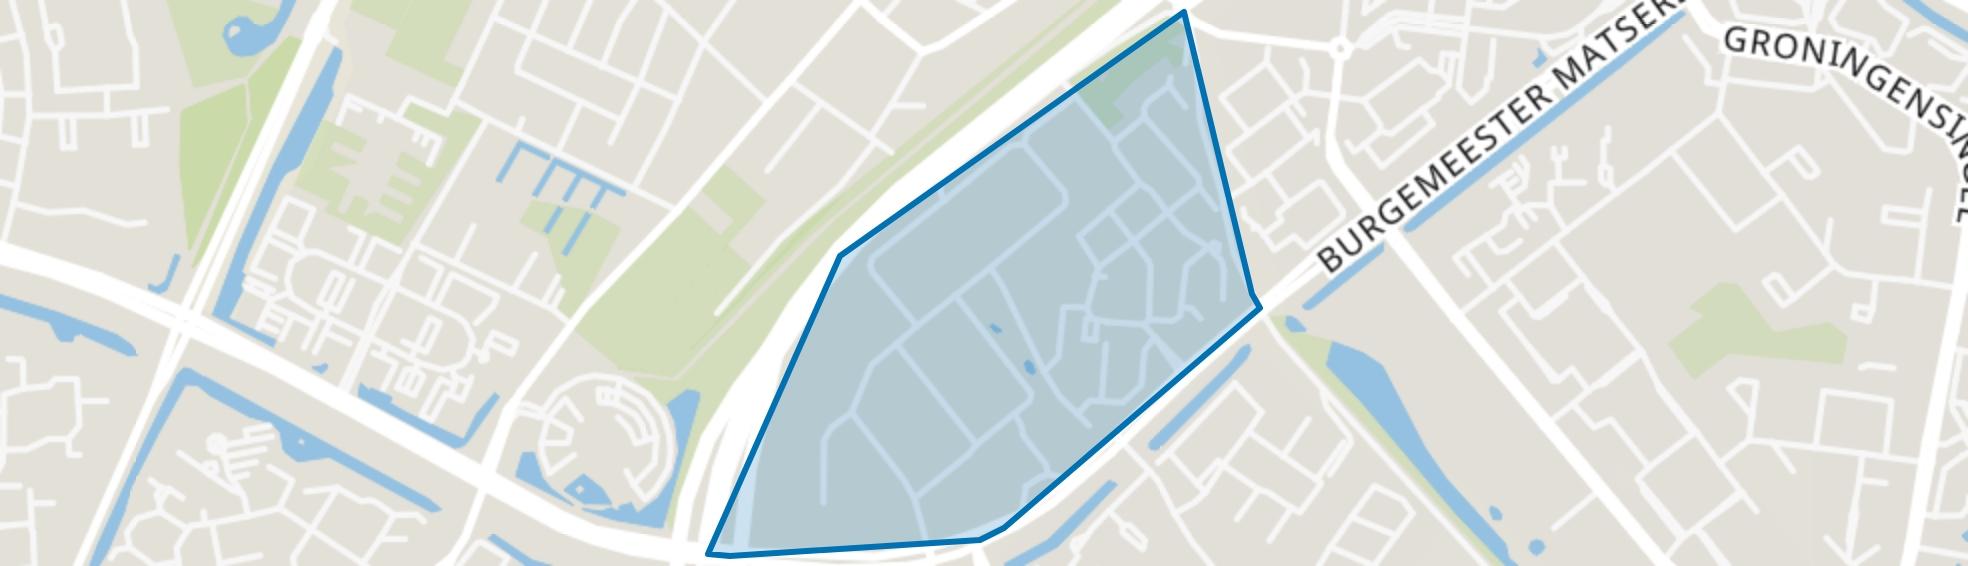 De Overmaat, Arnhem map